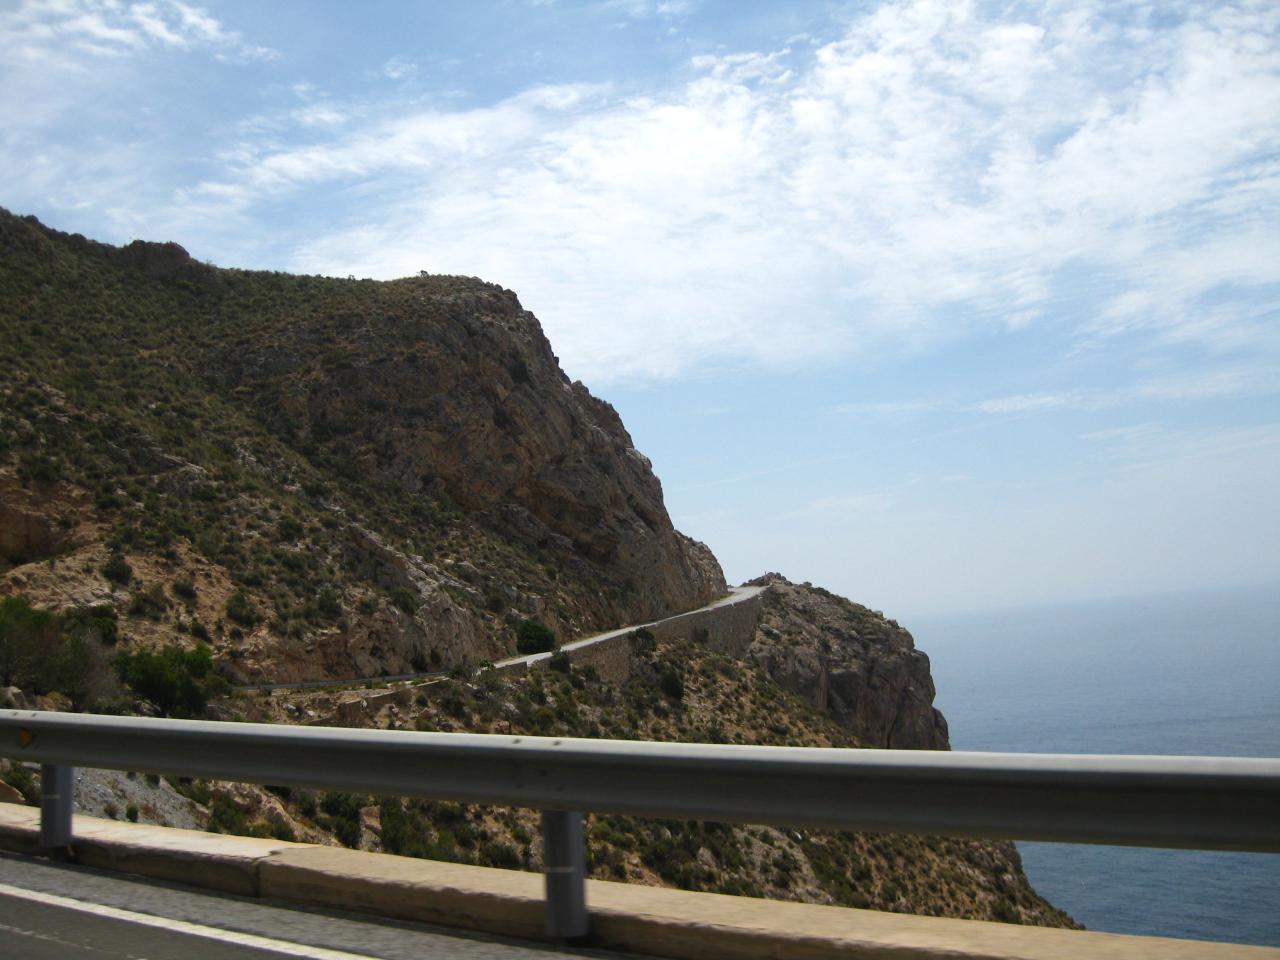 Foto playa La Rijana. Calahonda - curvas de la carretera antigua al salir de Calahonda